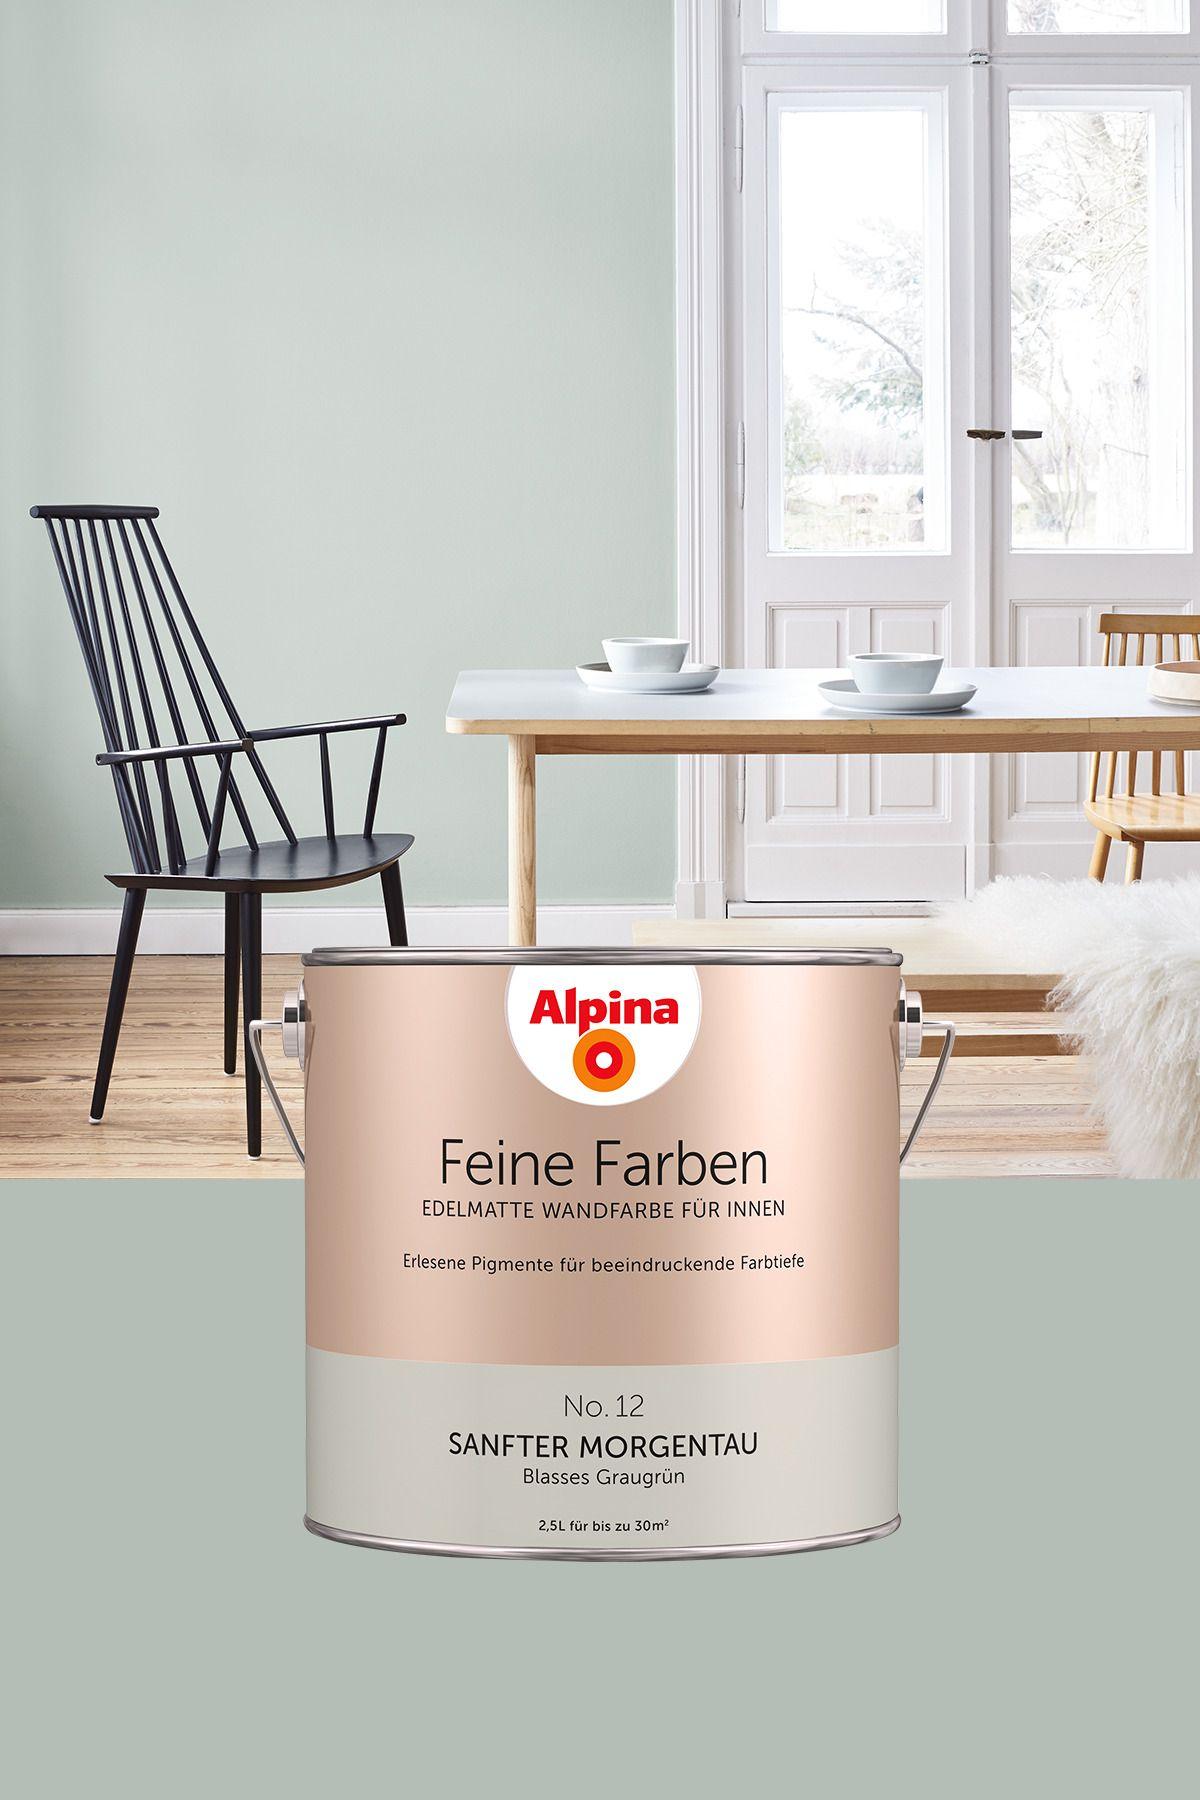 Feine Farben In 2020 Feine Farben Wandfarbe Wohnzimmer Schoner Wohnen Wandfarbe